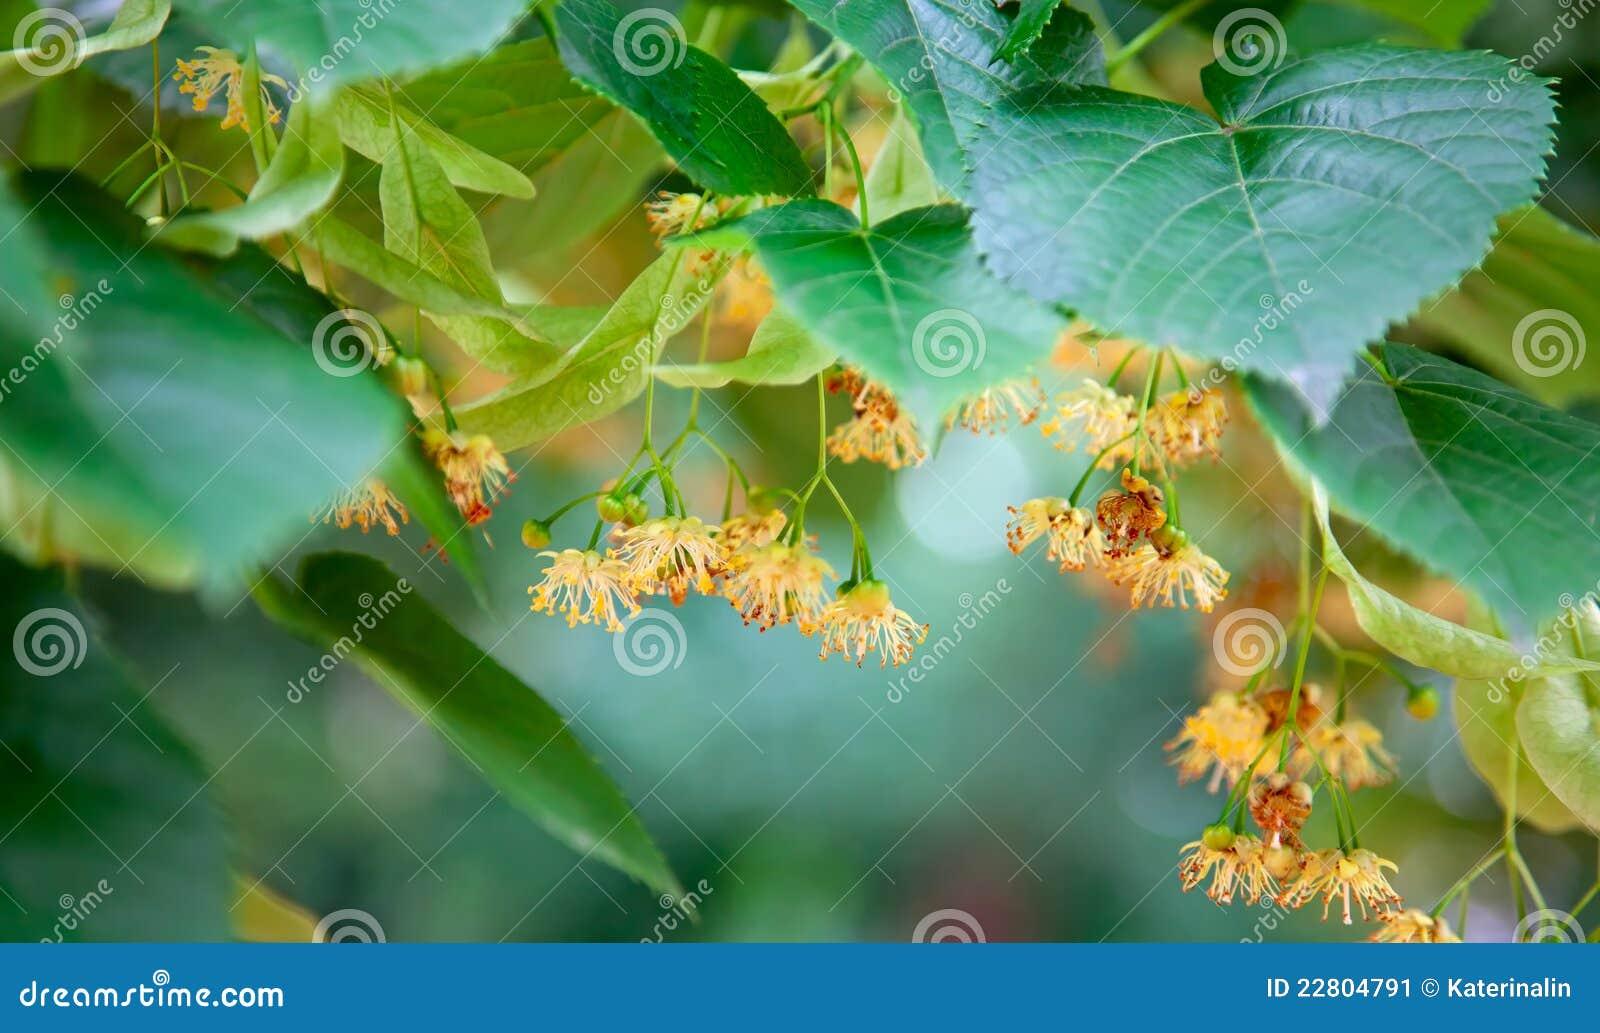 Kalk-Baum Blüten